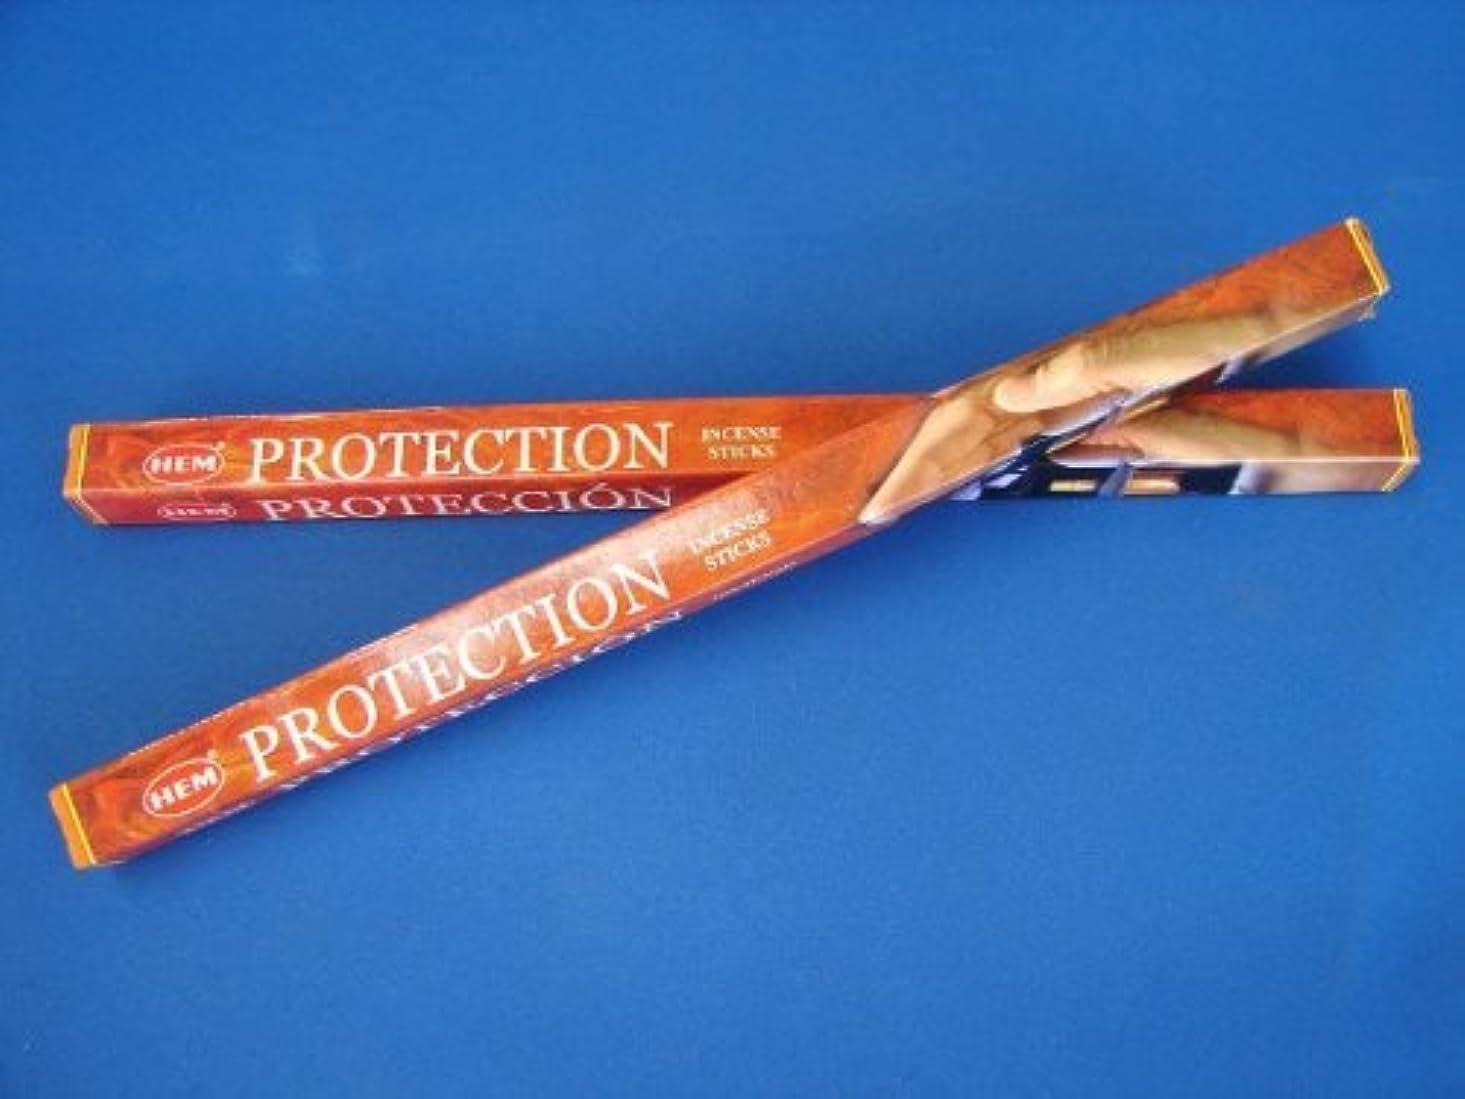 液化する五月解明する4 Boxes of HEM Incense Sticks - Protection